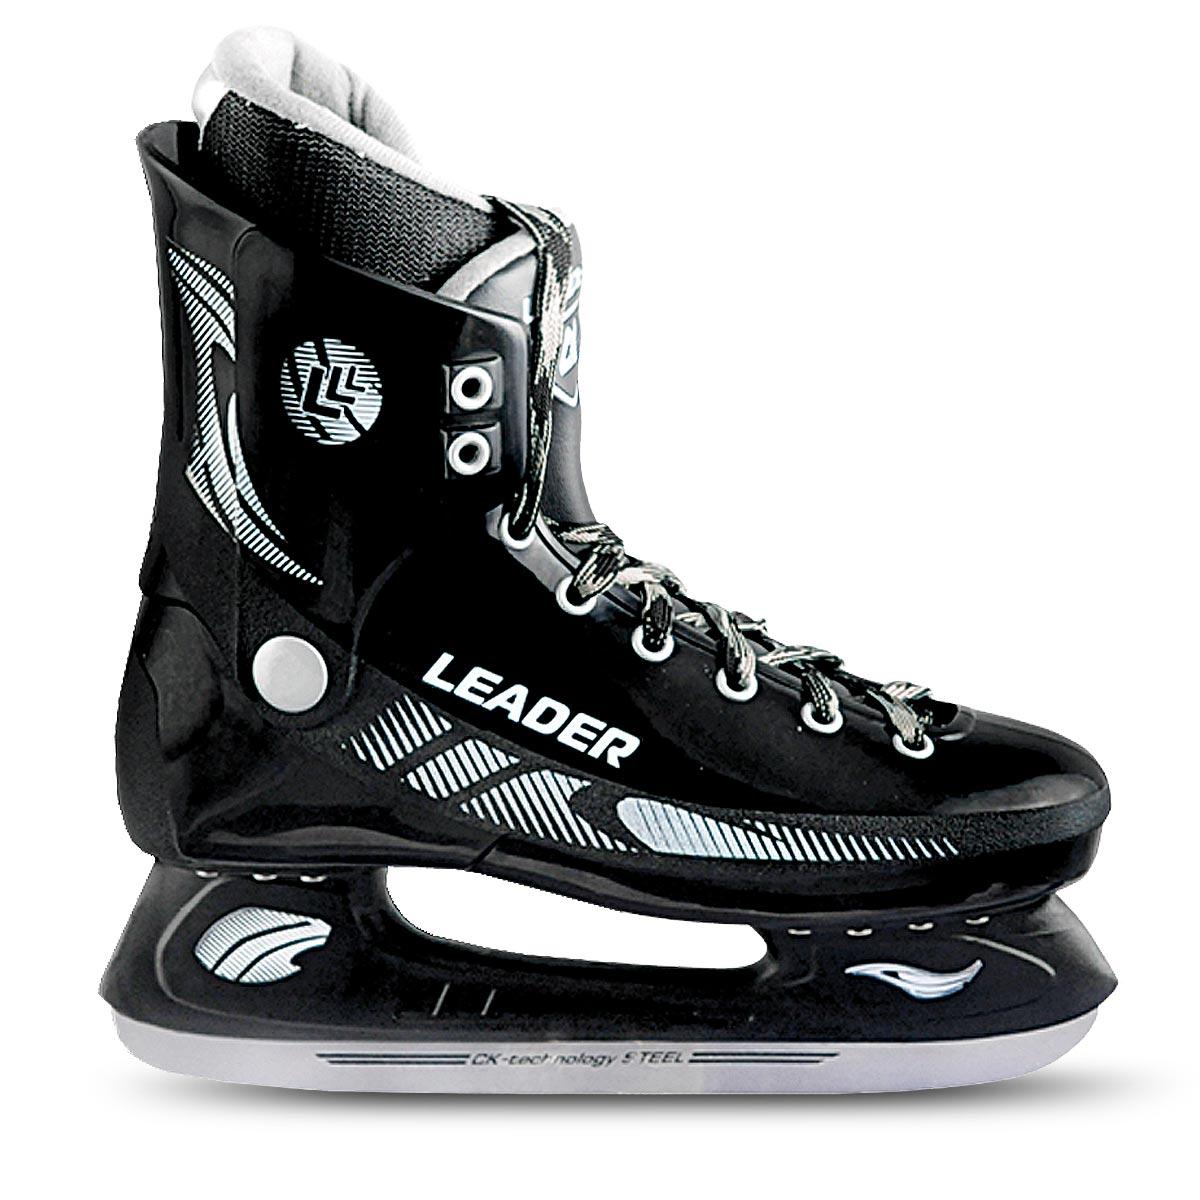 Коньки хоккейные для мальчика СК Leader, цвет: черный. Размер 36Atemi Force 3.0 2012 Black-GrayСтильные коньки для мальчика от CK Leader с ударопрочной защитной конструкцией прекрасно подойдут для начинающих игроков в хоккей. Ботинки изготовлены из морозостойкого пластика, который защитит ноги от ударов. Верх изделия оформлен шнуровкой, которая надежно фиксируют голеностоп. Внутренний сапожок, выполненный из комбинации капровелюра и искусственной кожи, обеспечит тепло и комфорт во время катания. Подкладка и стелька исполнены из текстиля. Голеностоп имеет удобный суппорт. Усиленная двухстаканная рама с одной из боковых сторон коньки декорирована принтом, а на язычке - тиснением в виде логотипа бренда.Подошва - из твердого ПВХ. Фигурное лезвие изготовлено из легированной стали со специальным покрытием, придающим дополнительную прочность. Стильные коньки придутся по душе вашему ребенку.